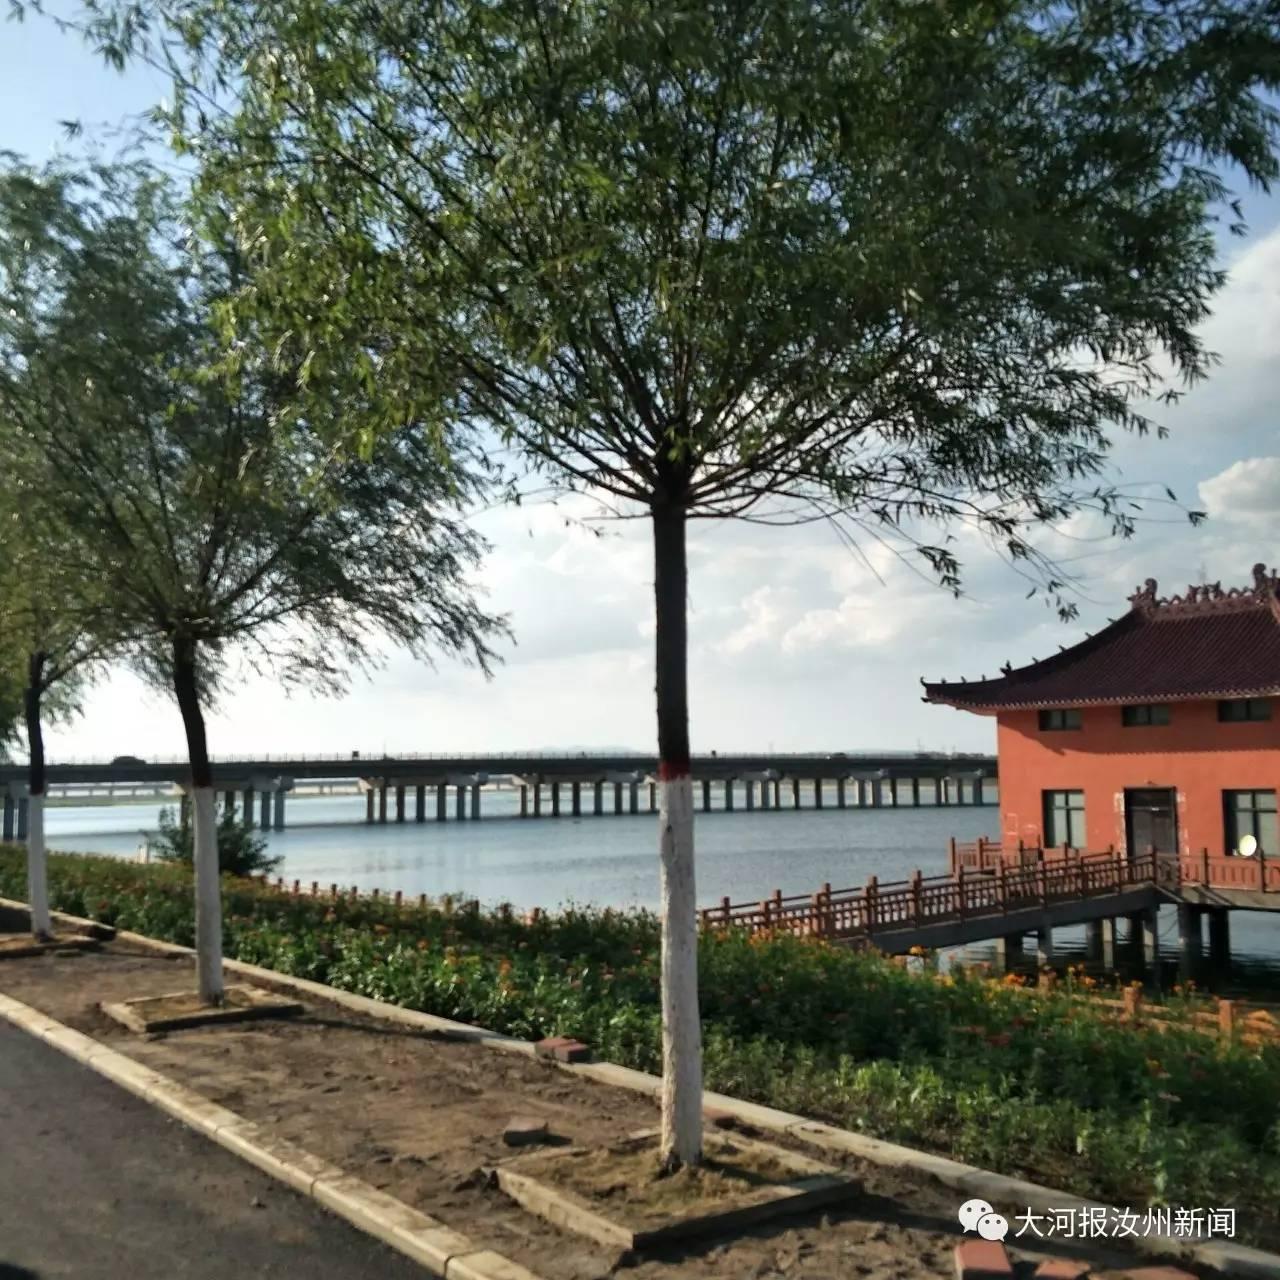 汝河沙滩公园_汝河沙滩公园门票价格_平顶山汝河沙滩公园旅游...